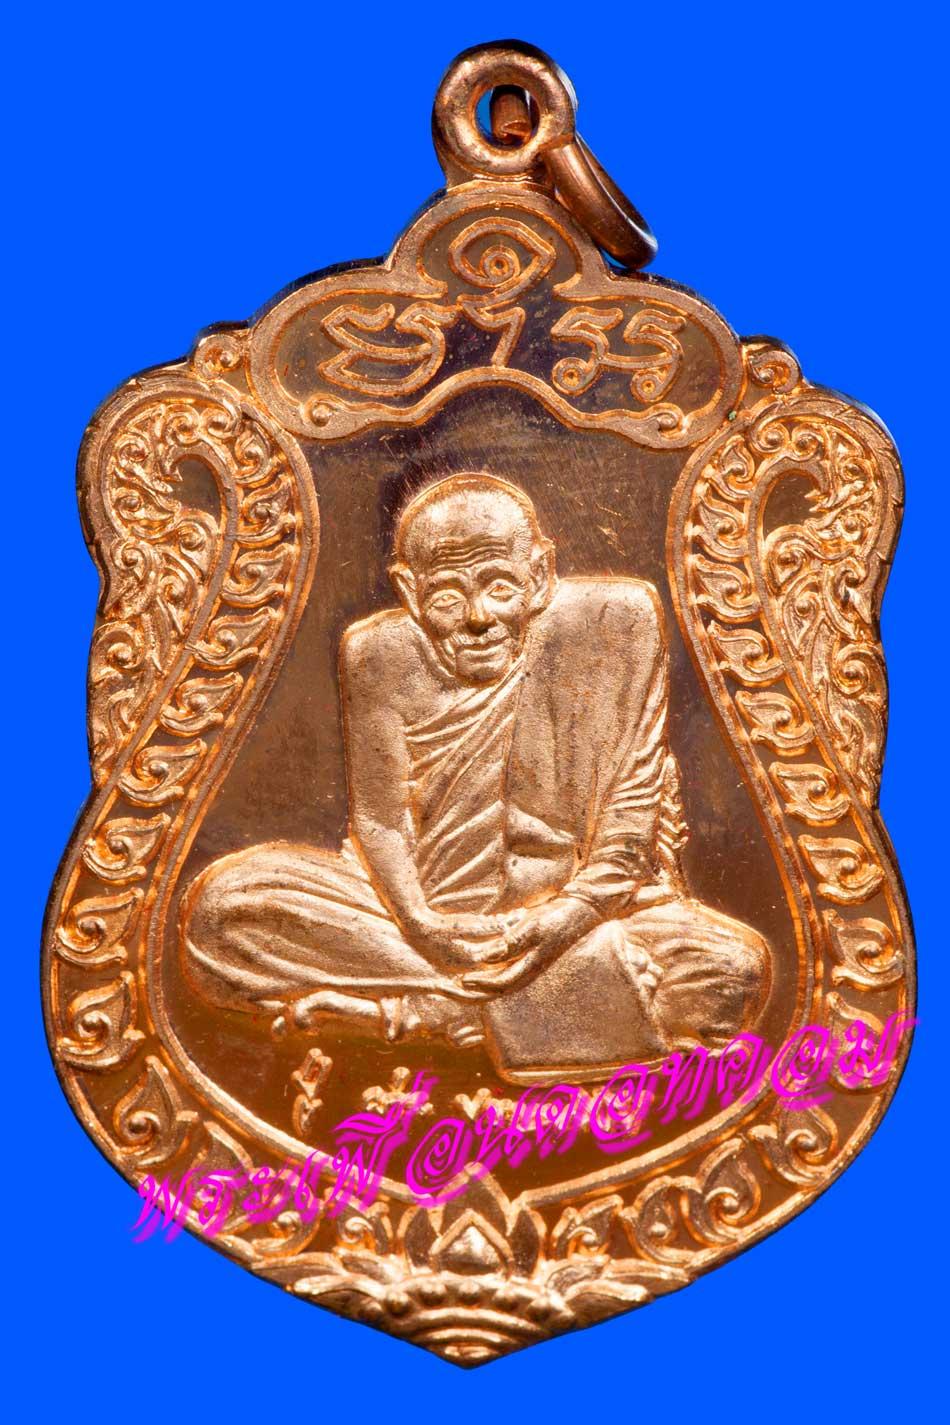 เหรียญเสมาเสาร์ 5 เนื้อทองแดง รุ่น 36 หลวงปู่ผ่าน ปัญญาปทีโป ปี2553